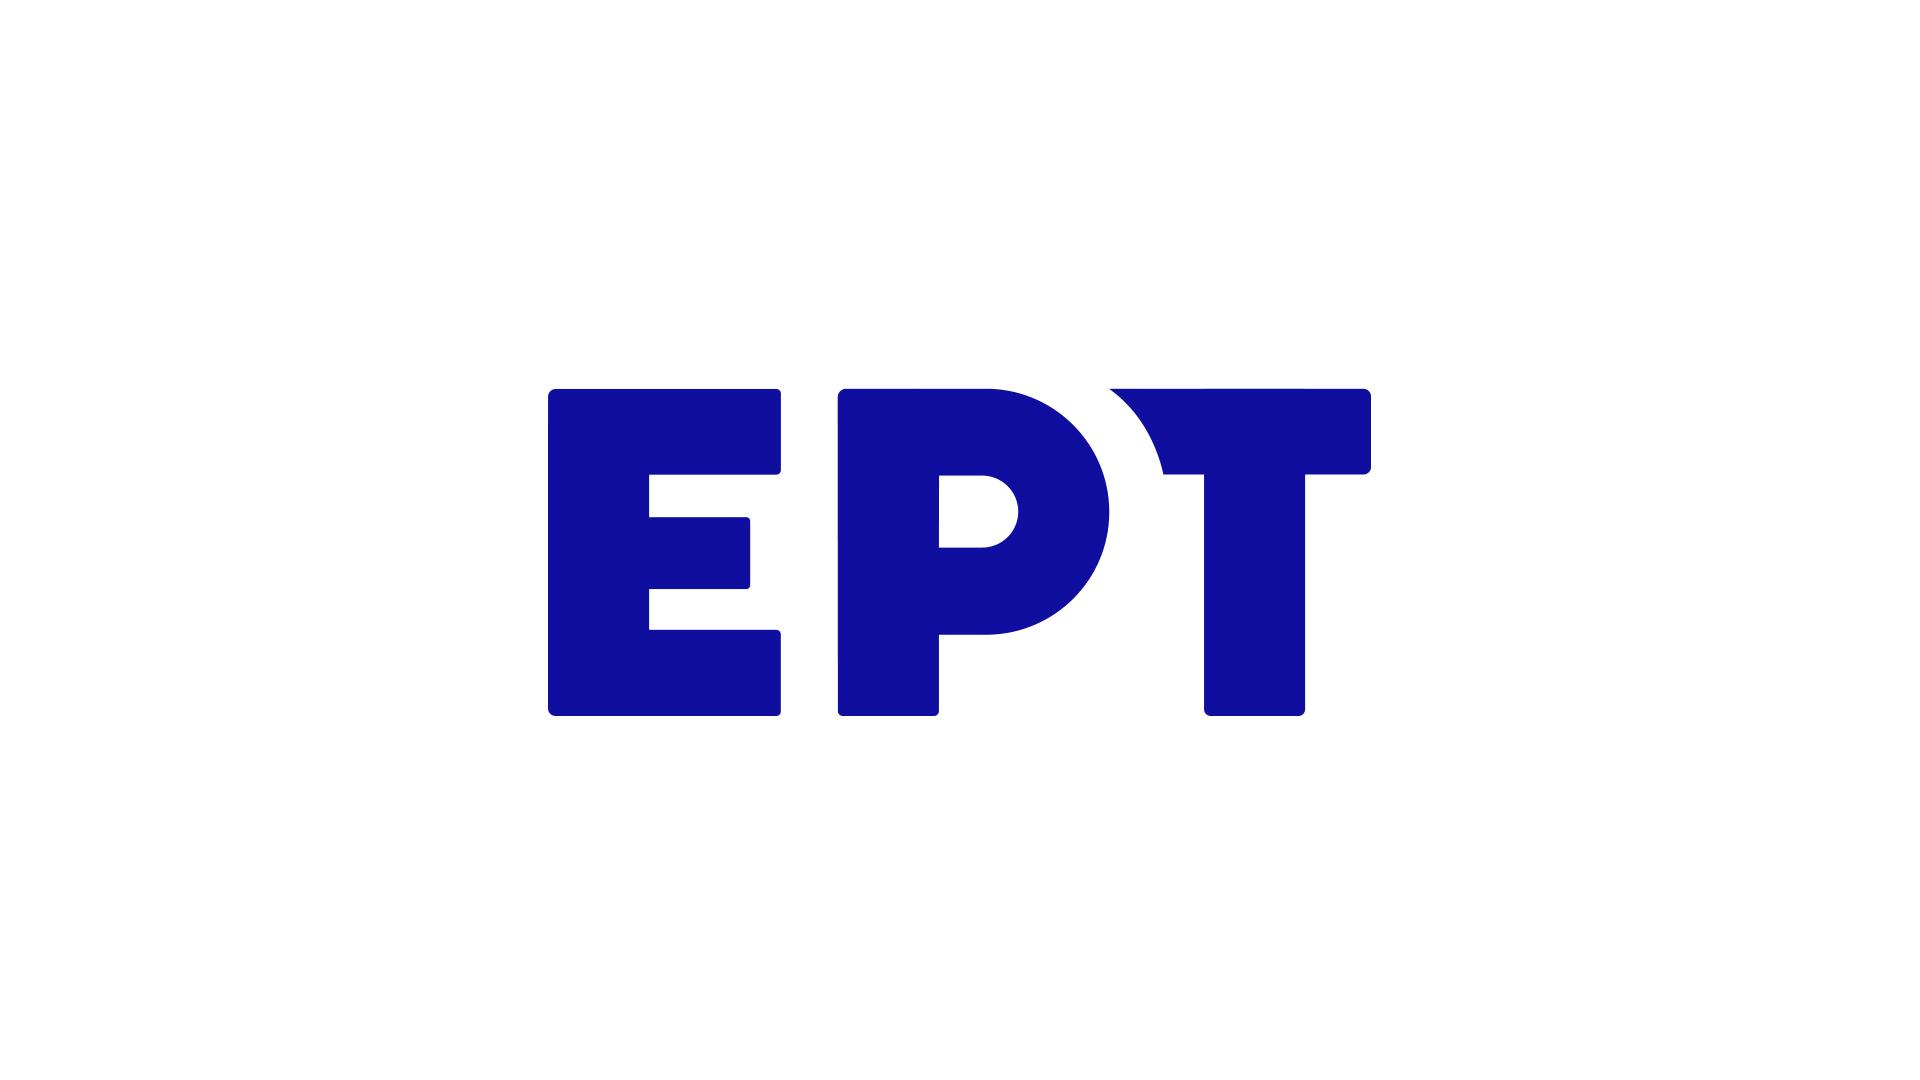 Η ΕΡΤ ξεκινά ραδιοφωνικές θεατρικές παραστάσεις